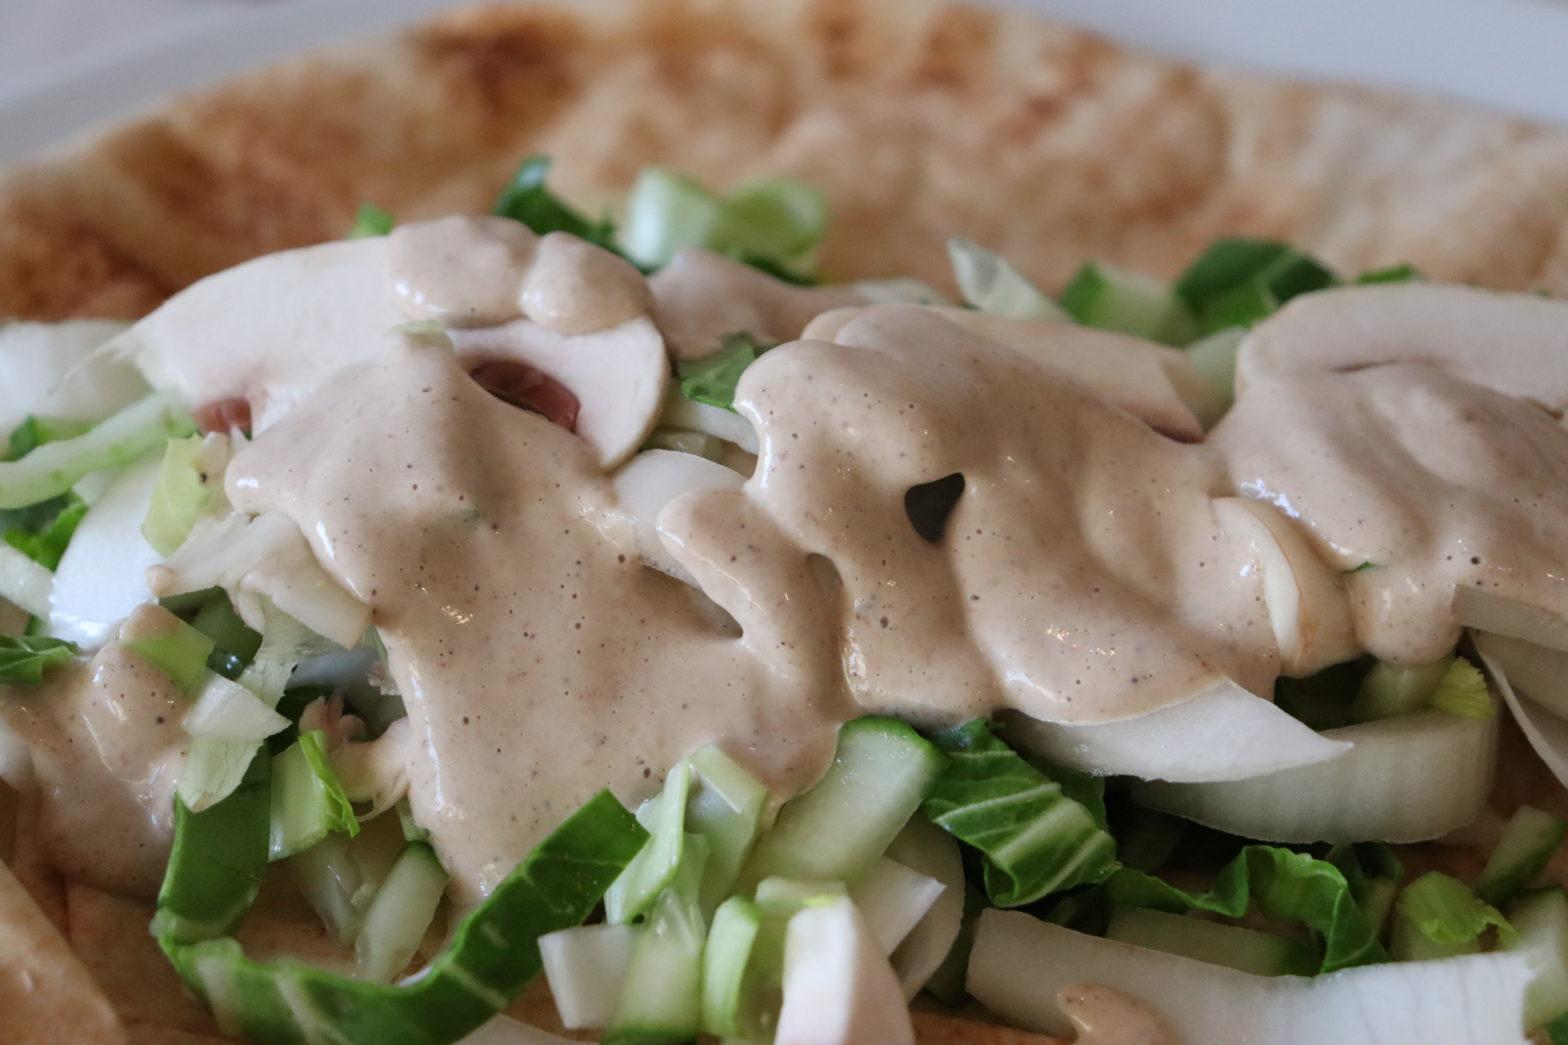 Tahinisauce auf Salat